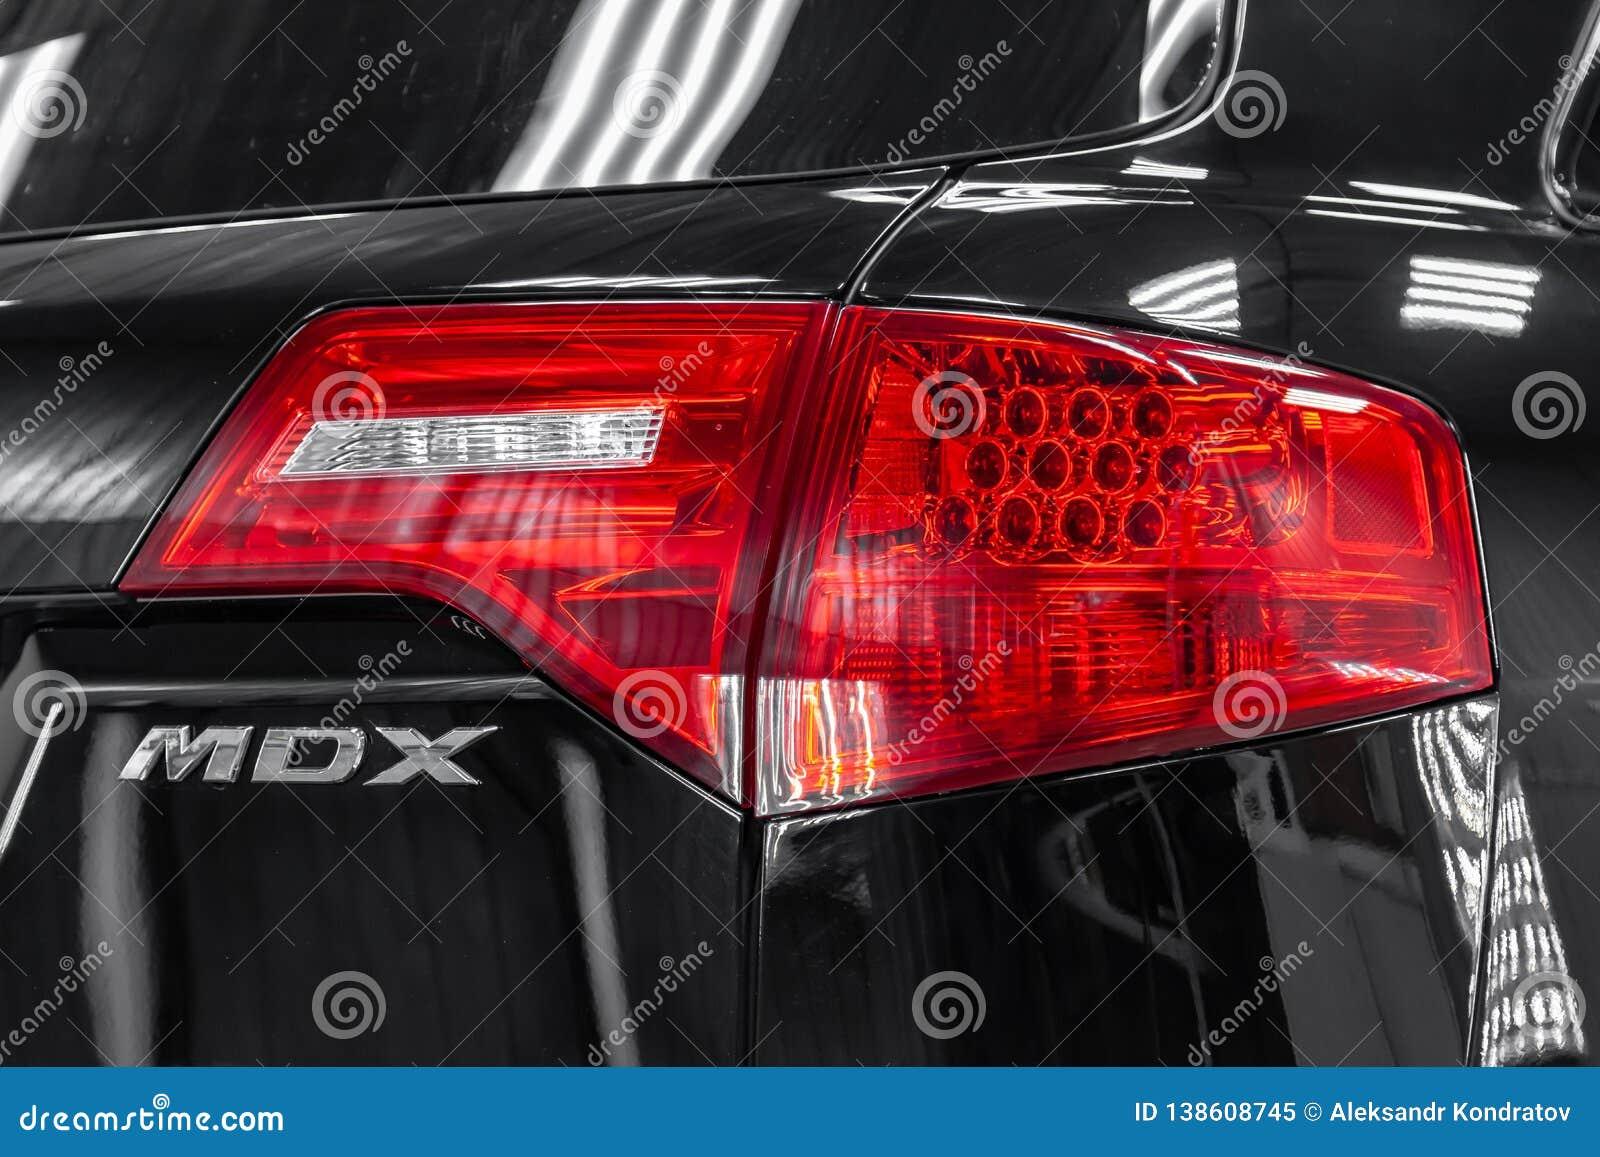 Bakre sikt av använda Acura MDX 2008 år svartfärg med röda taillamps som står i den ljusa serviceasken av det specificera seminar